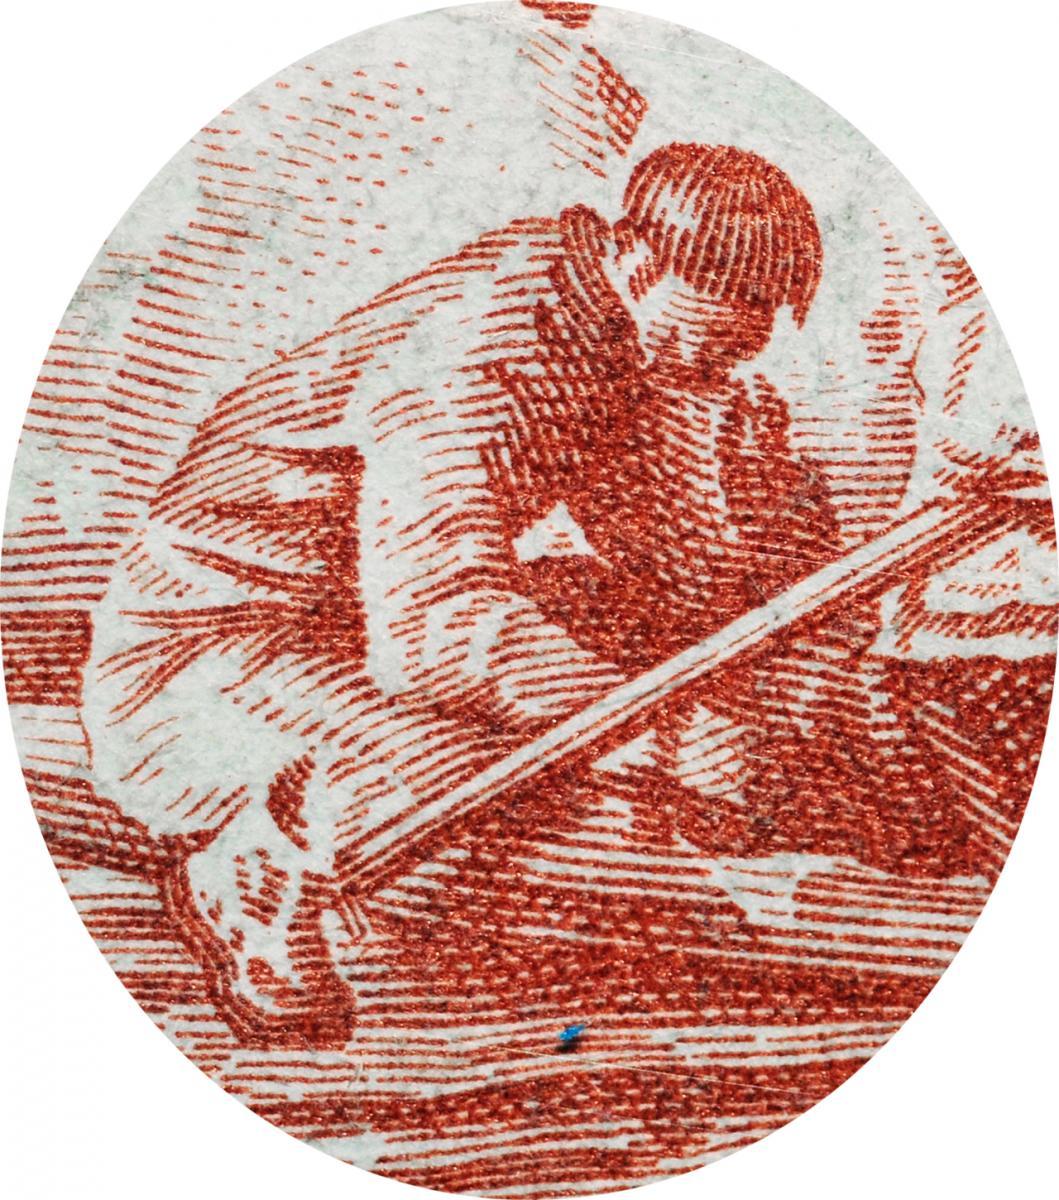 Engraving of man bent over a kayak.